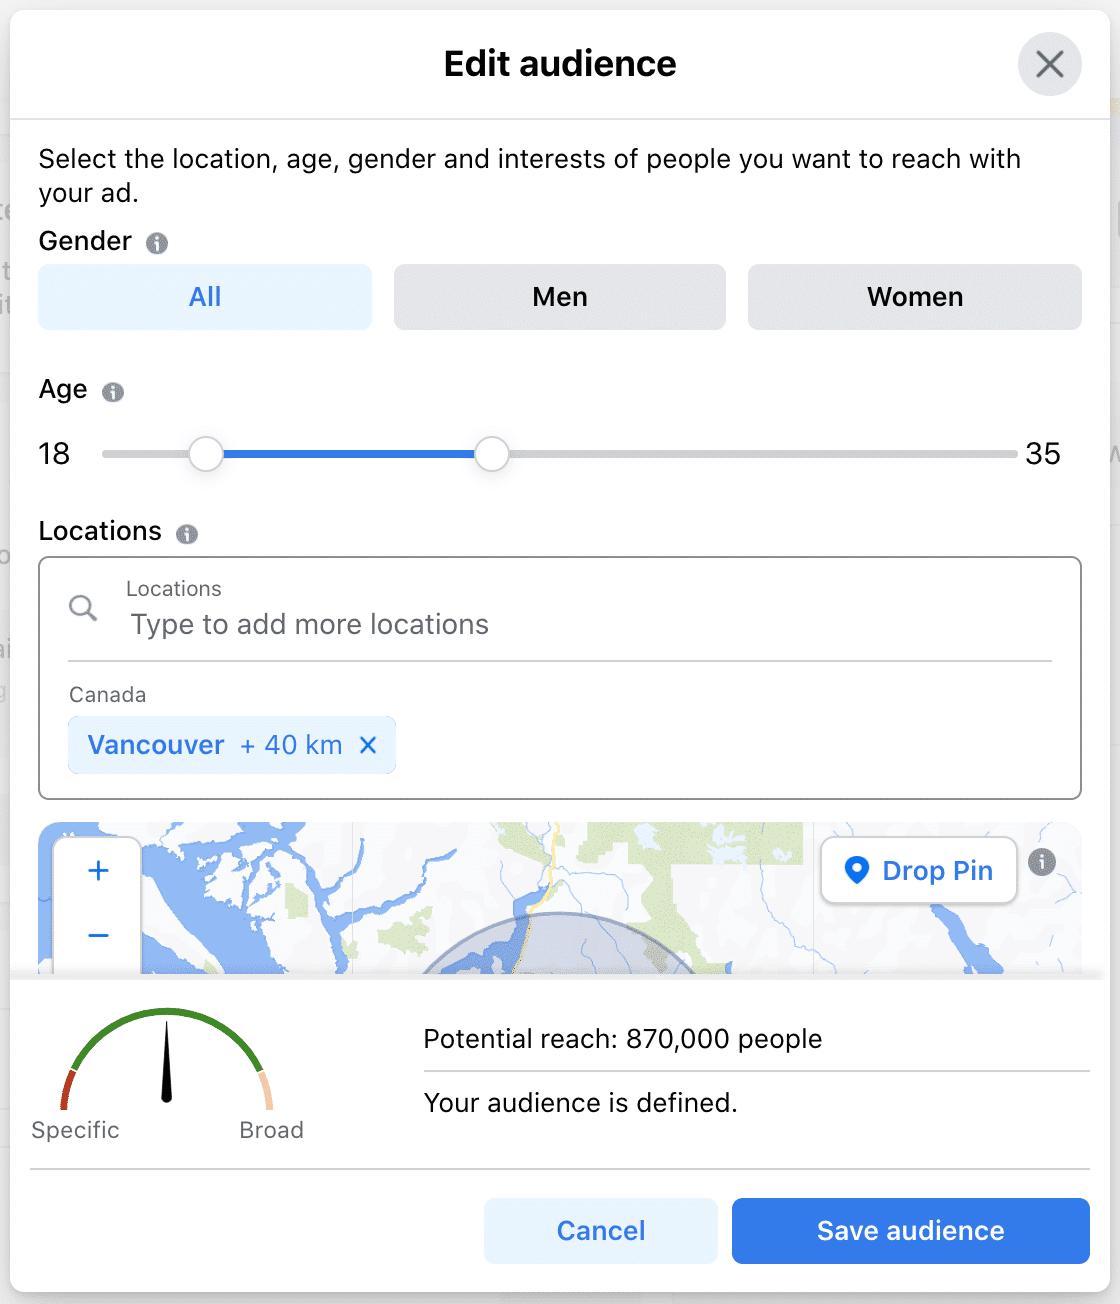 редактировать аудиторию в зависимости от пола, возраста и местоположения